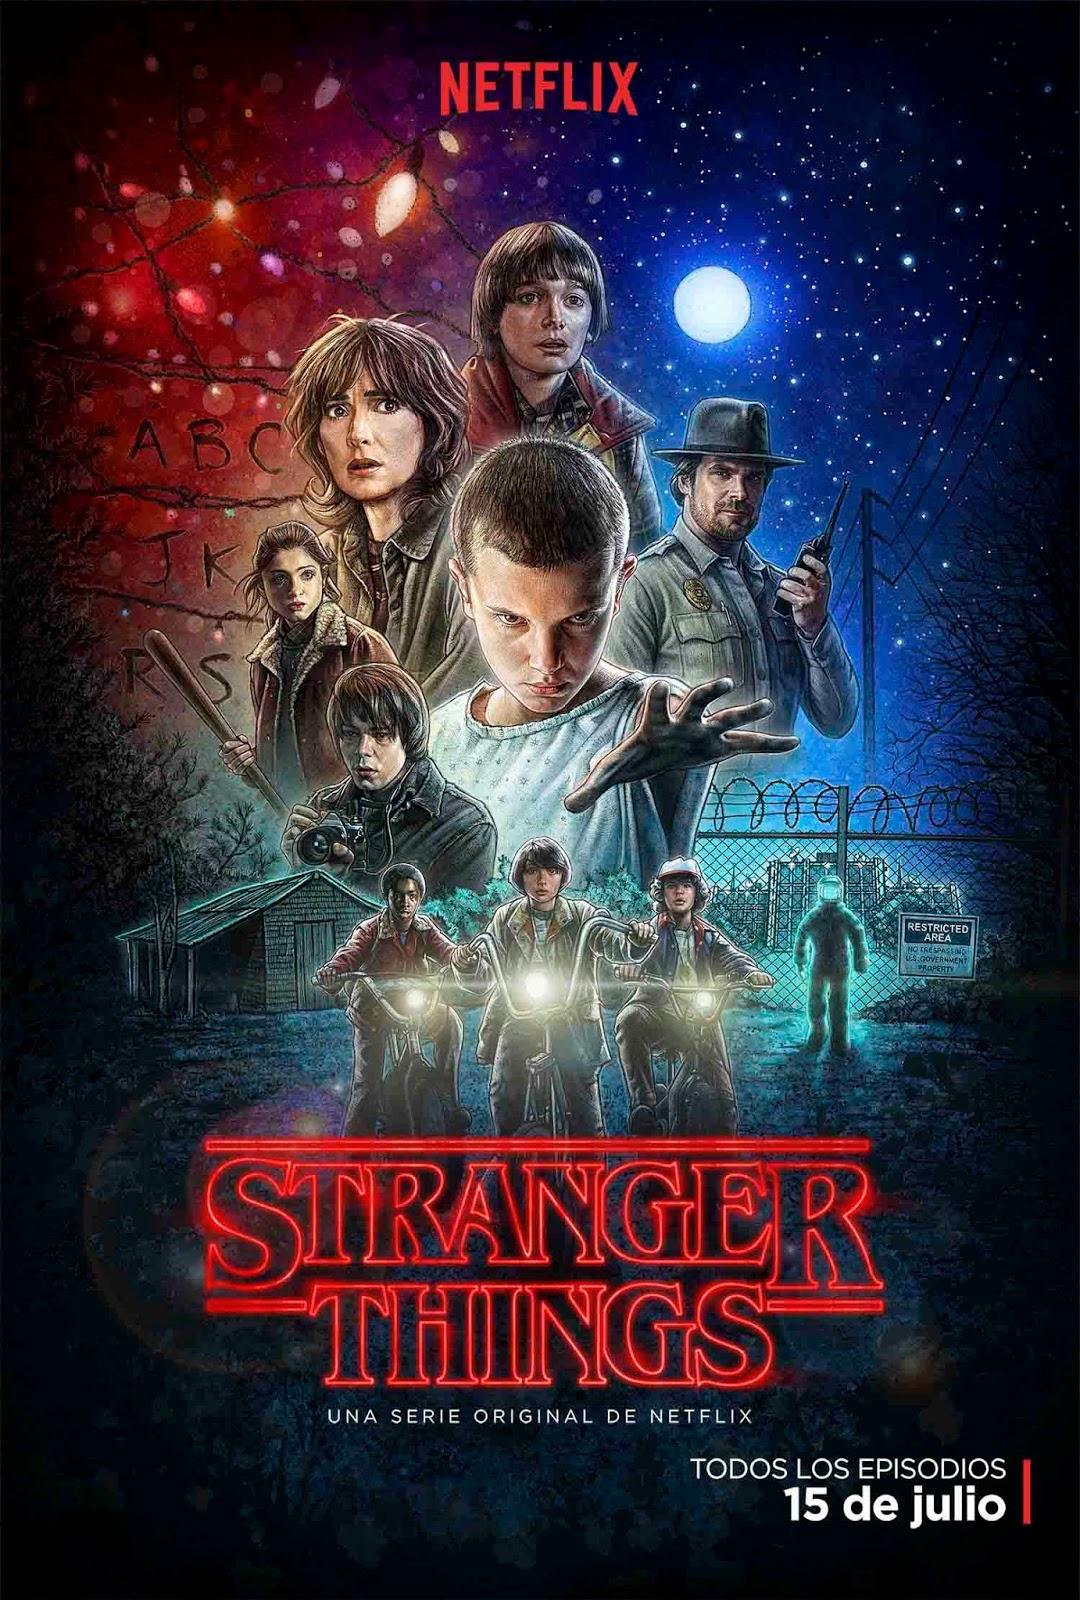 Segundo tráiler y póster oficial de 'Stranger Things'